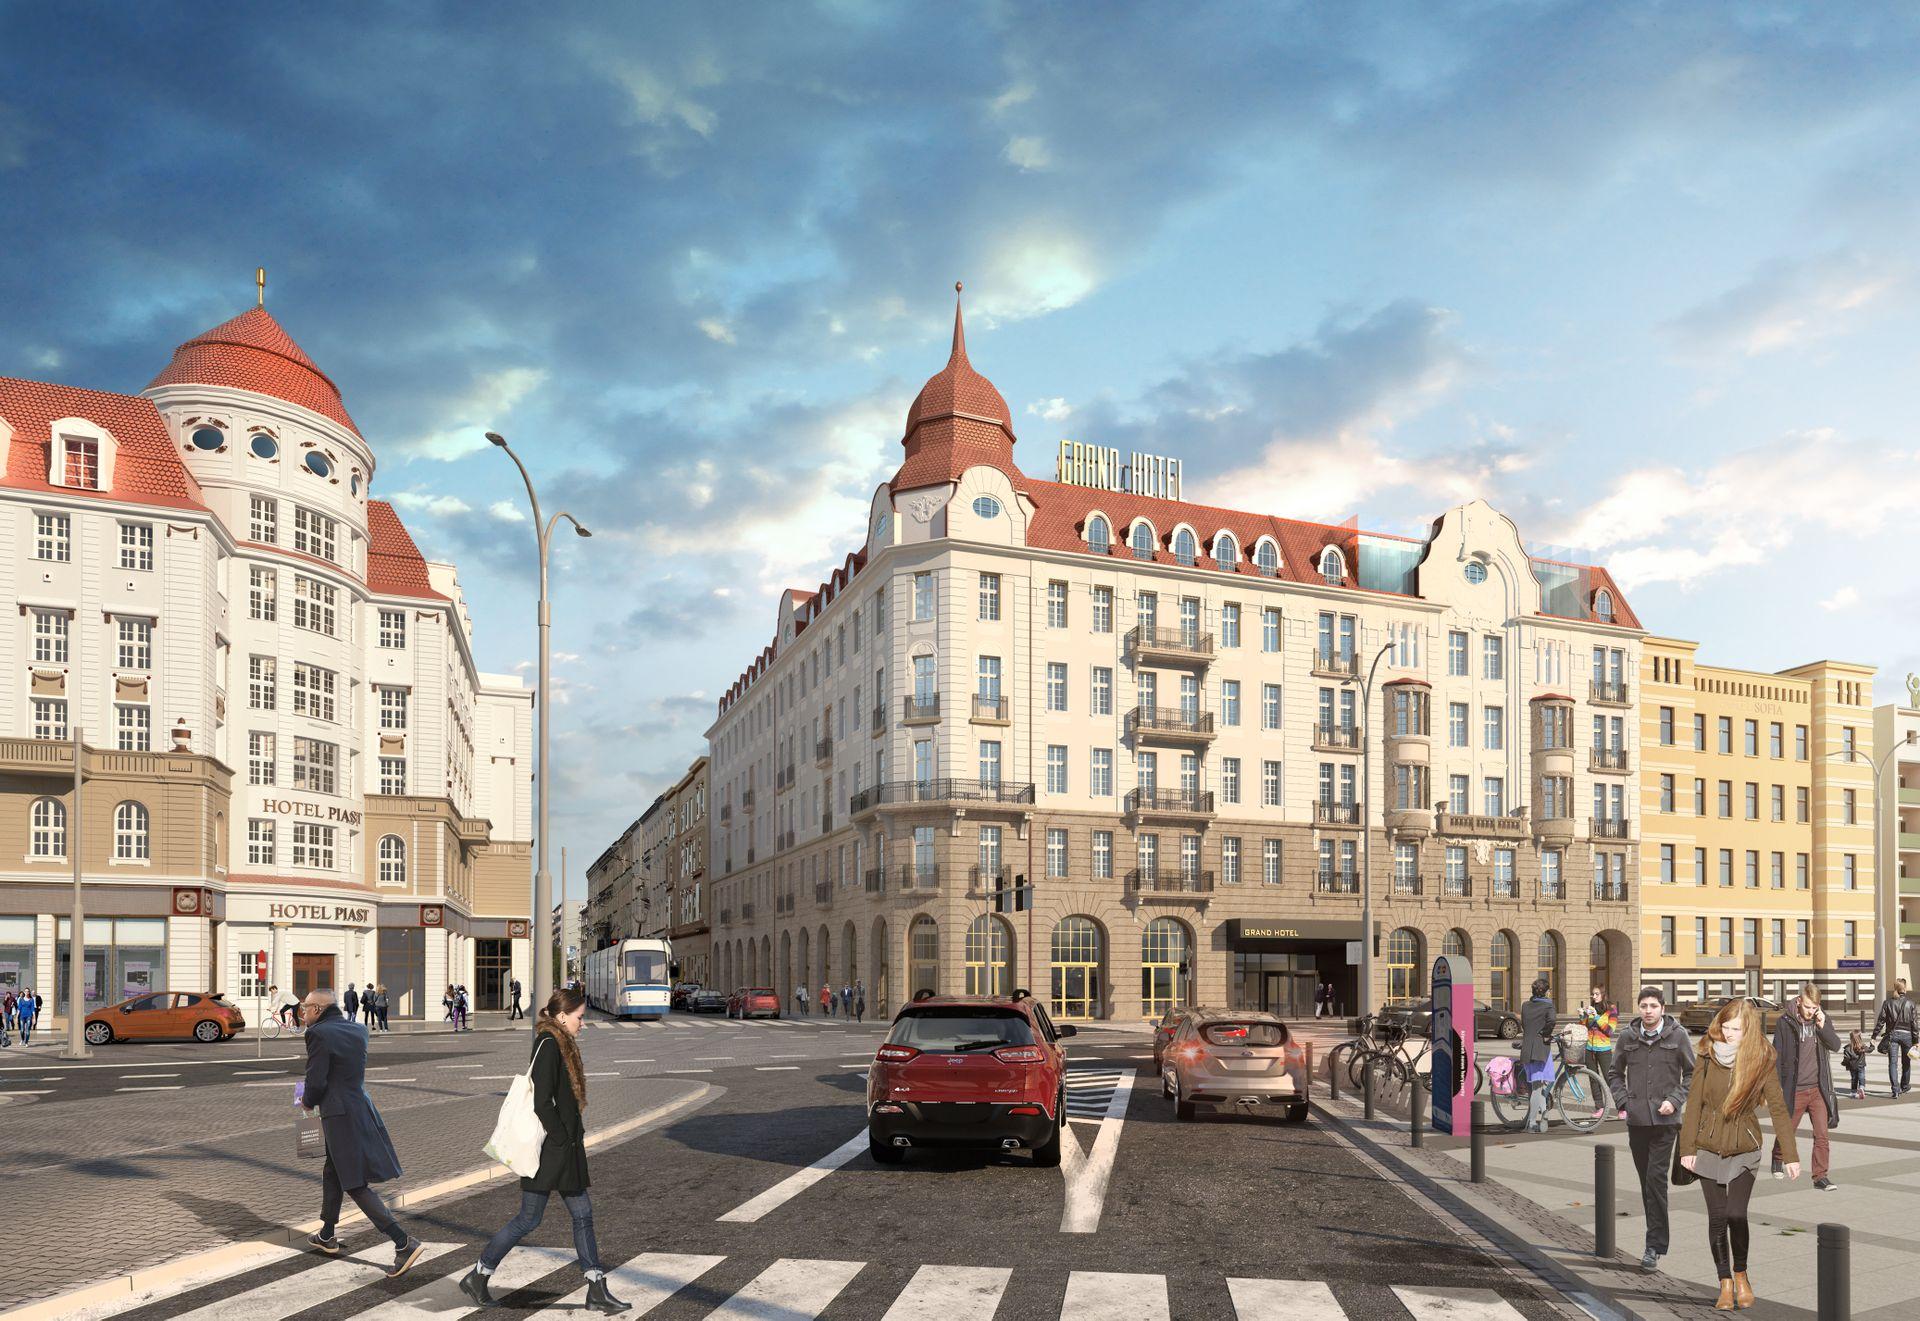 W centrum Wrocławia trwa przebudowa Hotelu Grand [FILM + ZDJĘCIA]